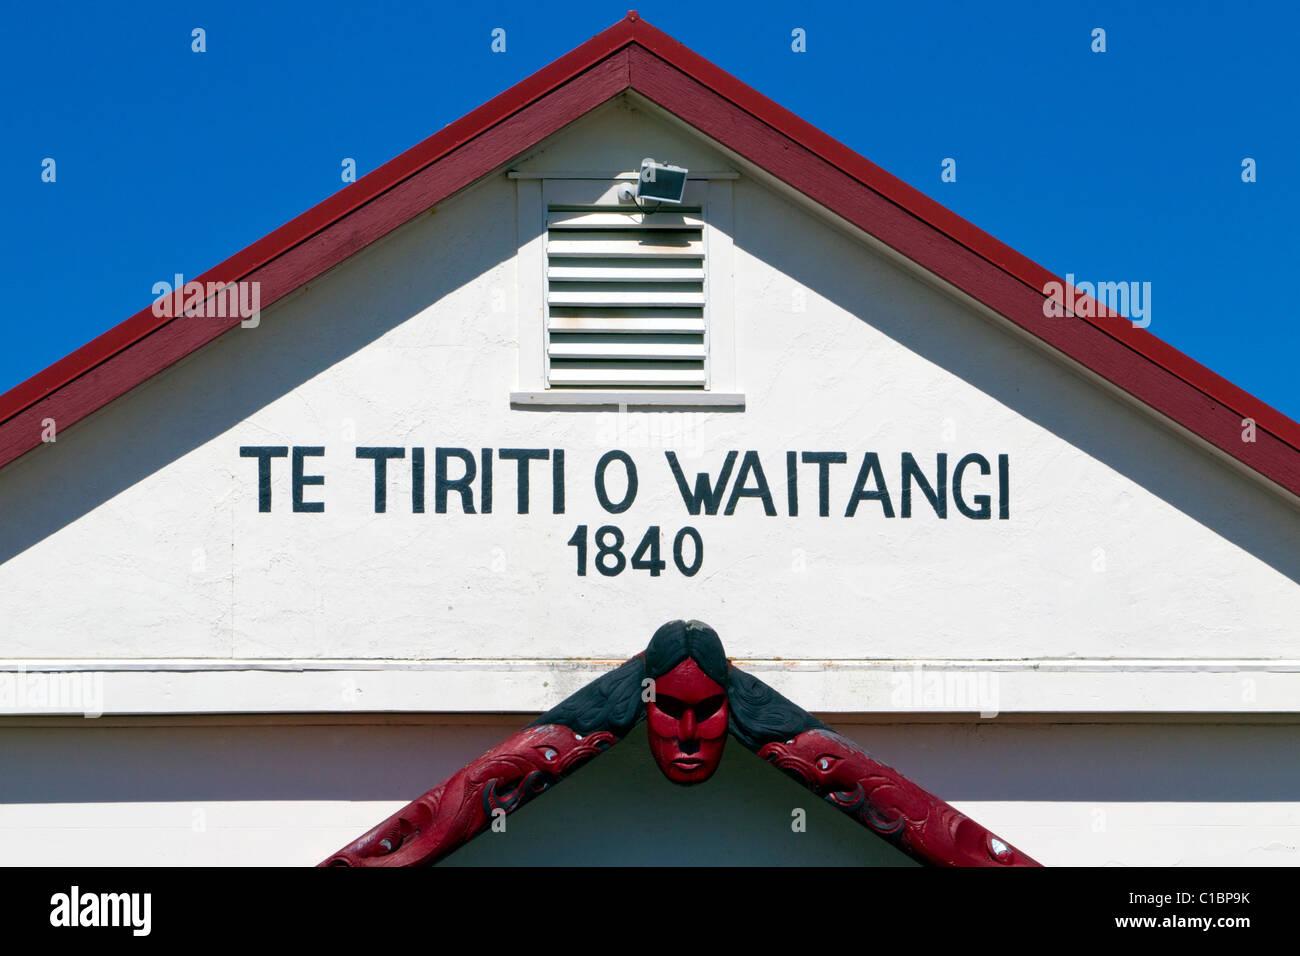 Te Tiriti O Waitangi Marae, Paihia, New Zealand - Stock Image